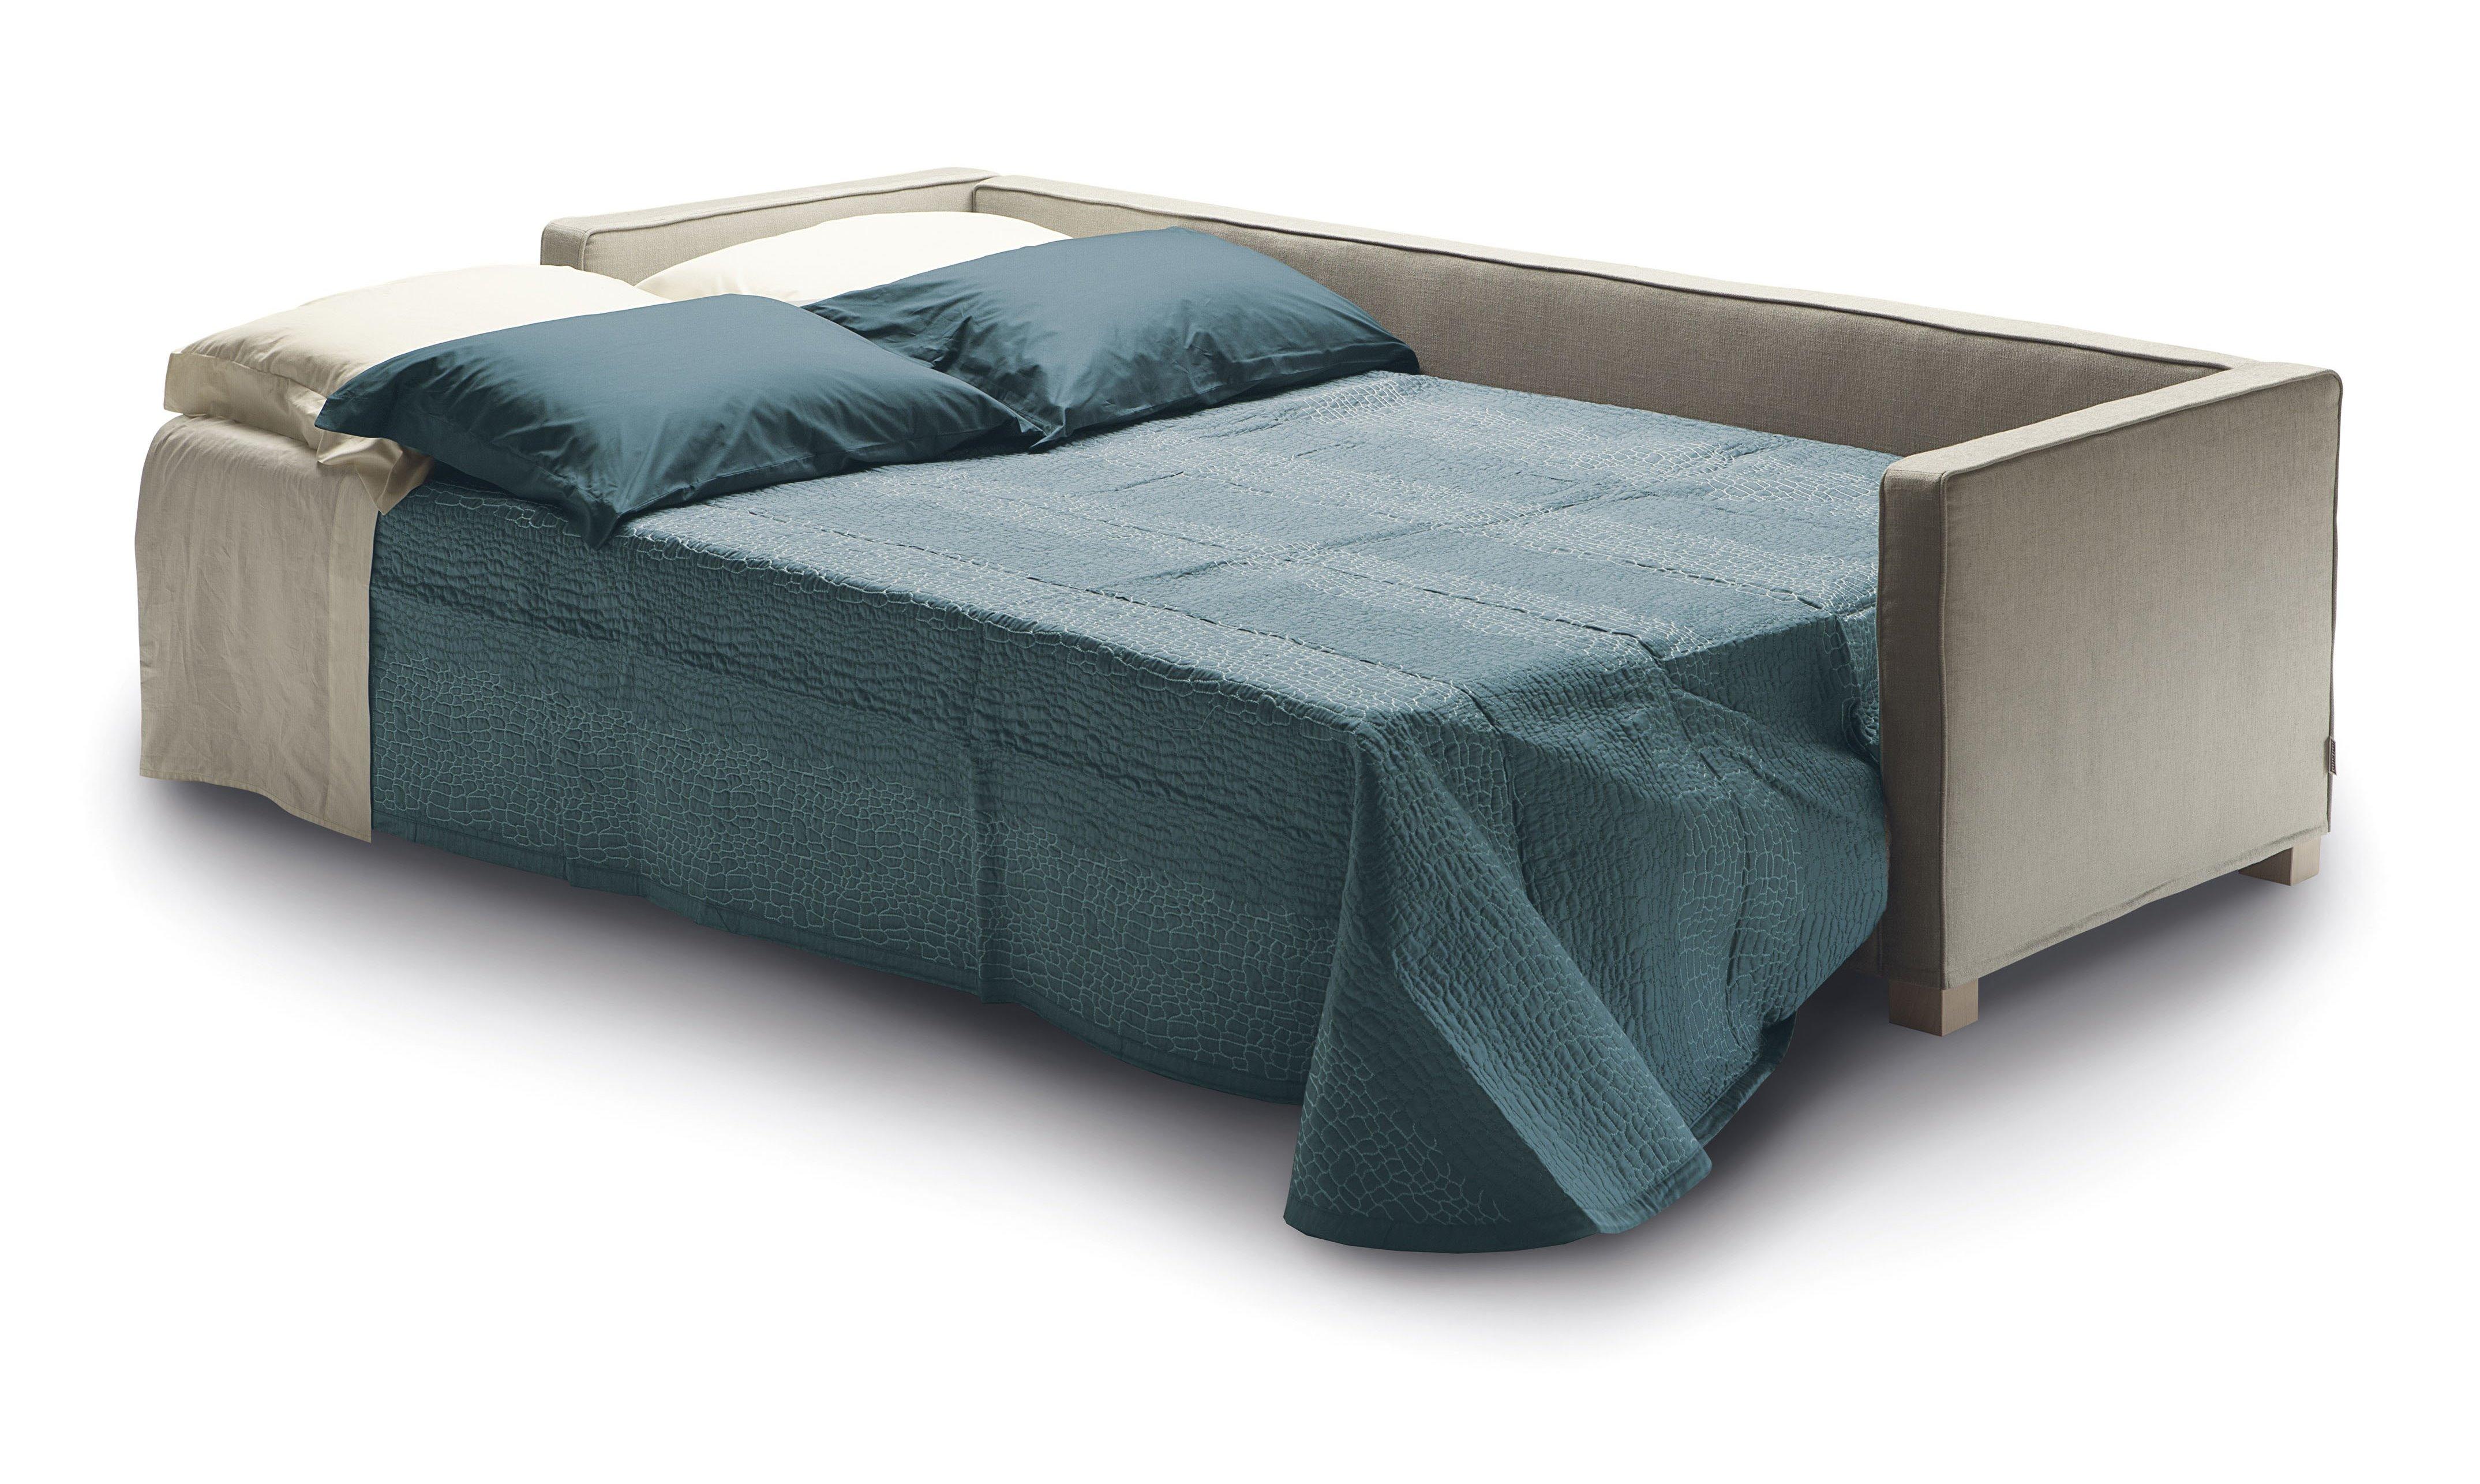 Divano letto Andersen di Milano Bedding con piano di riposo trasversale.